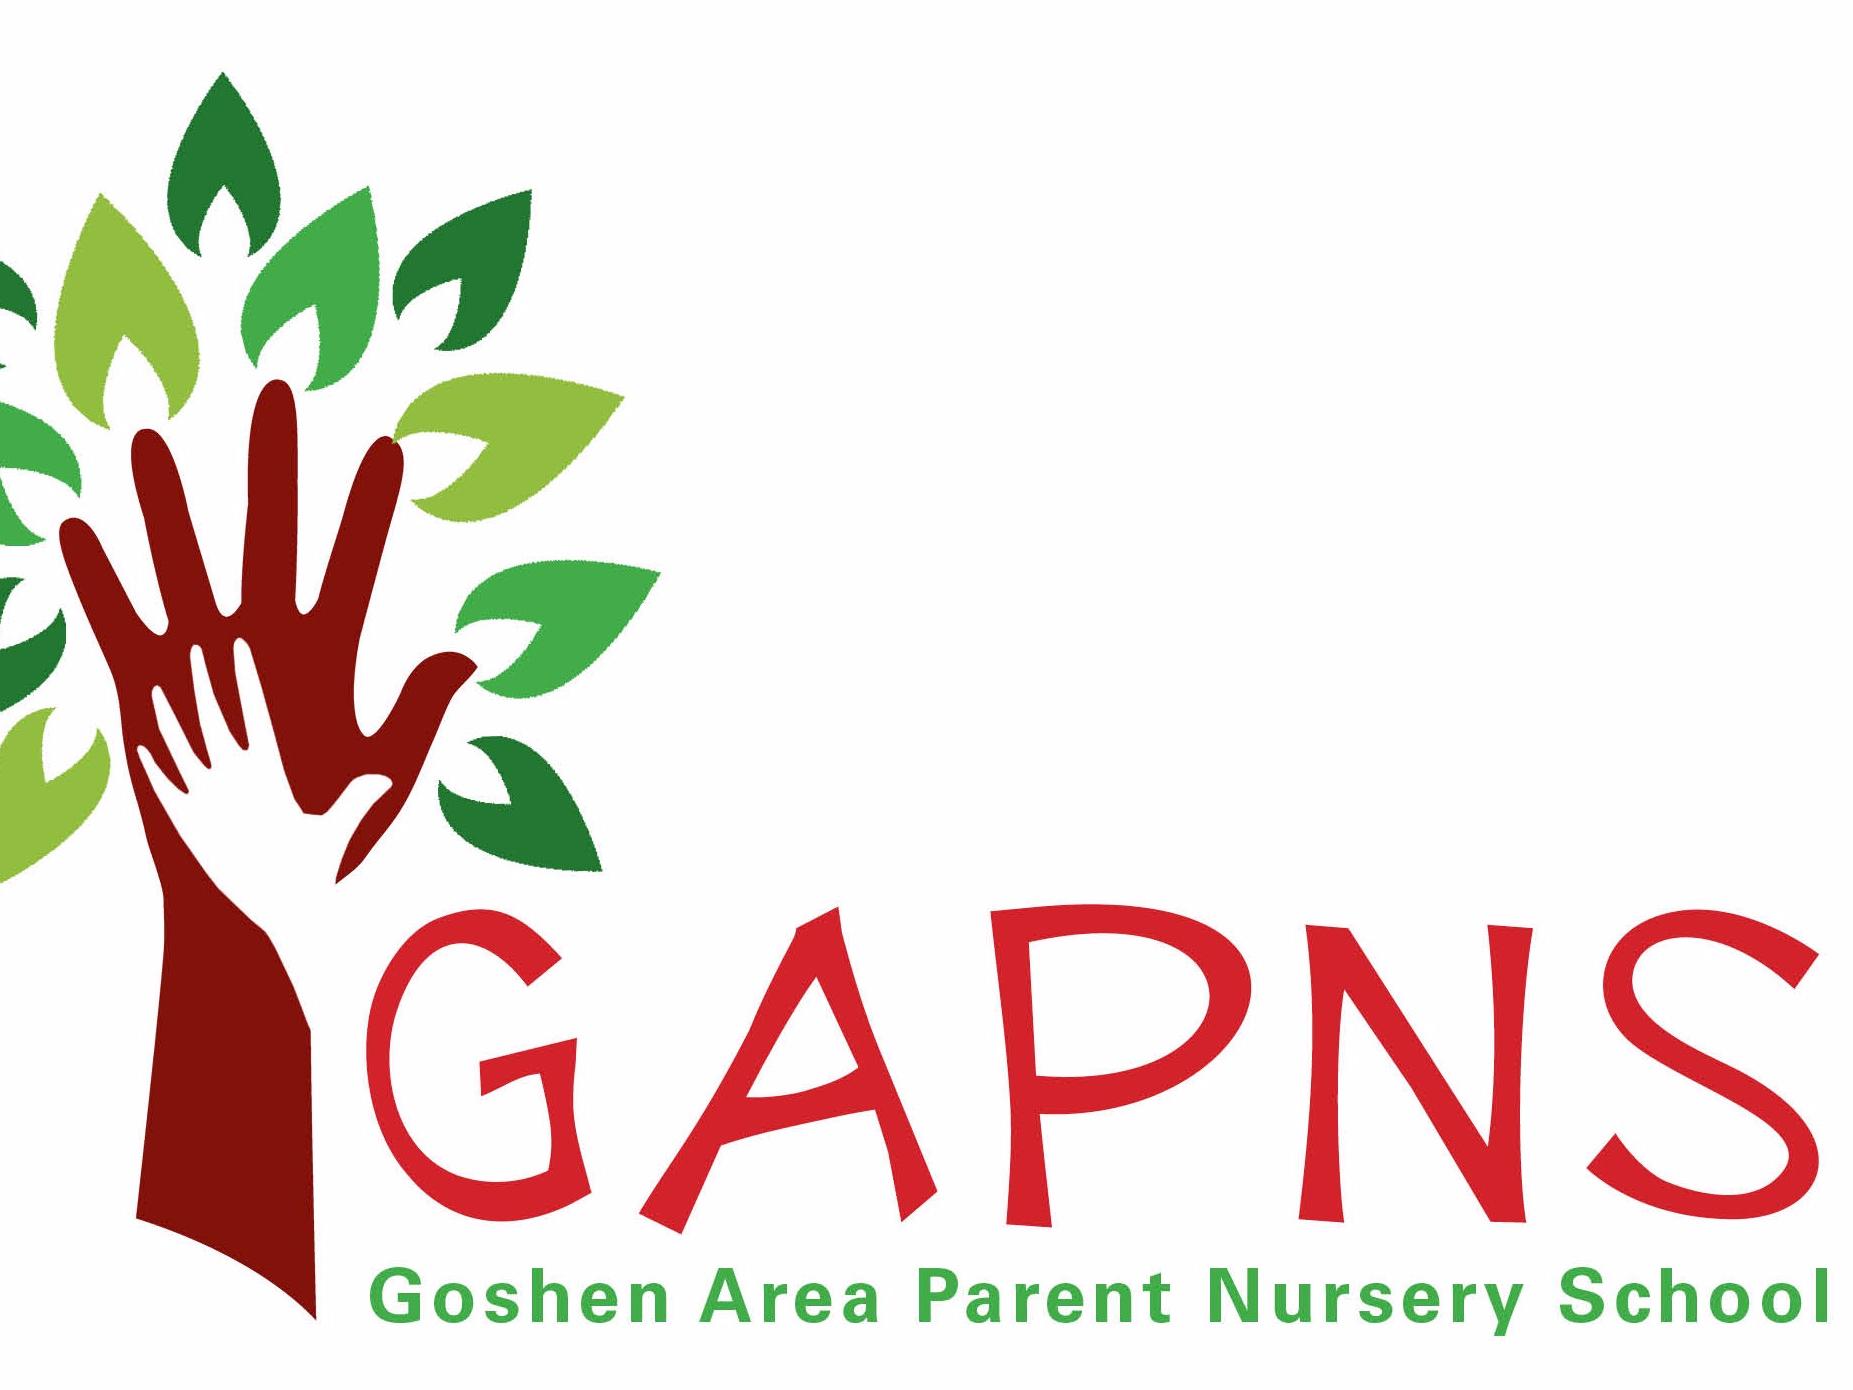 Goshen Area Parent Nursery School